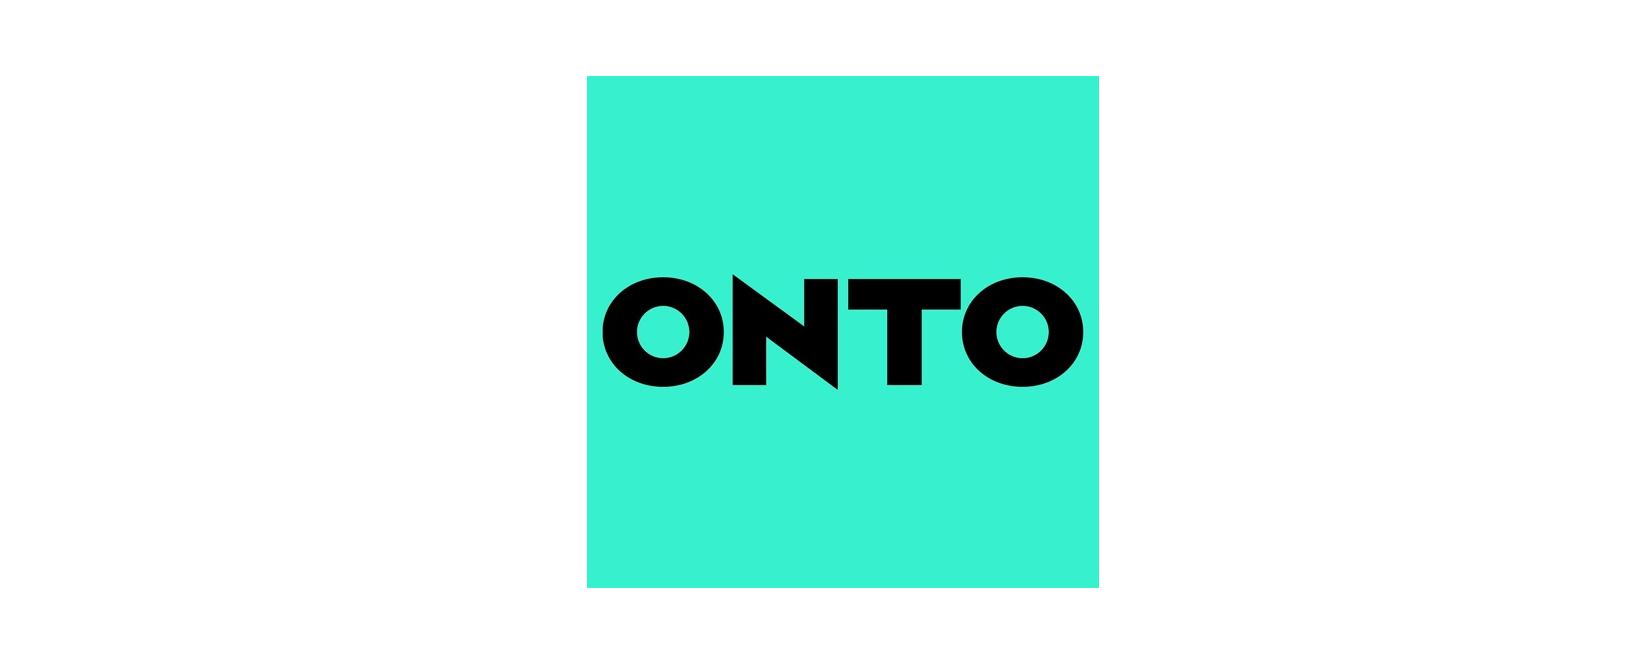 ONTO UK Discount Code 2021